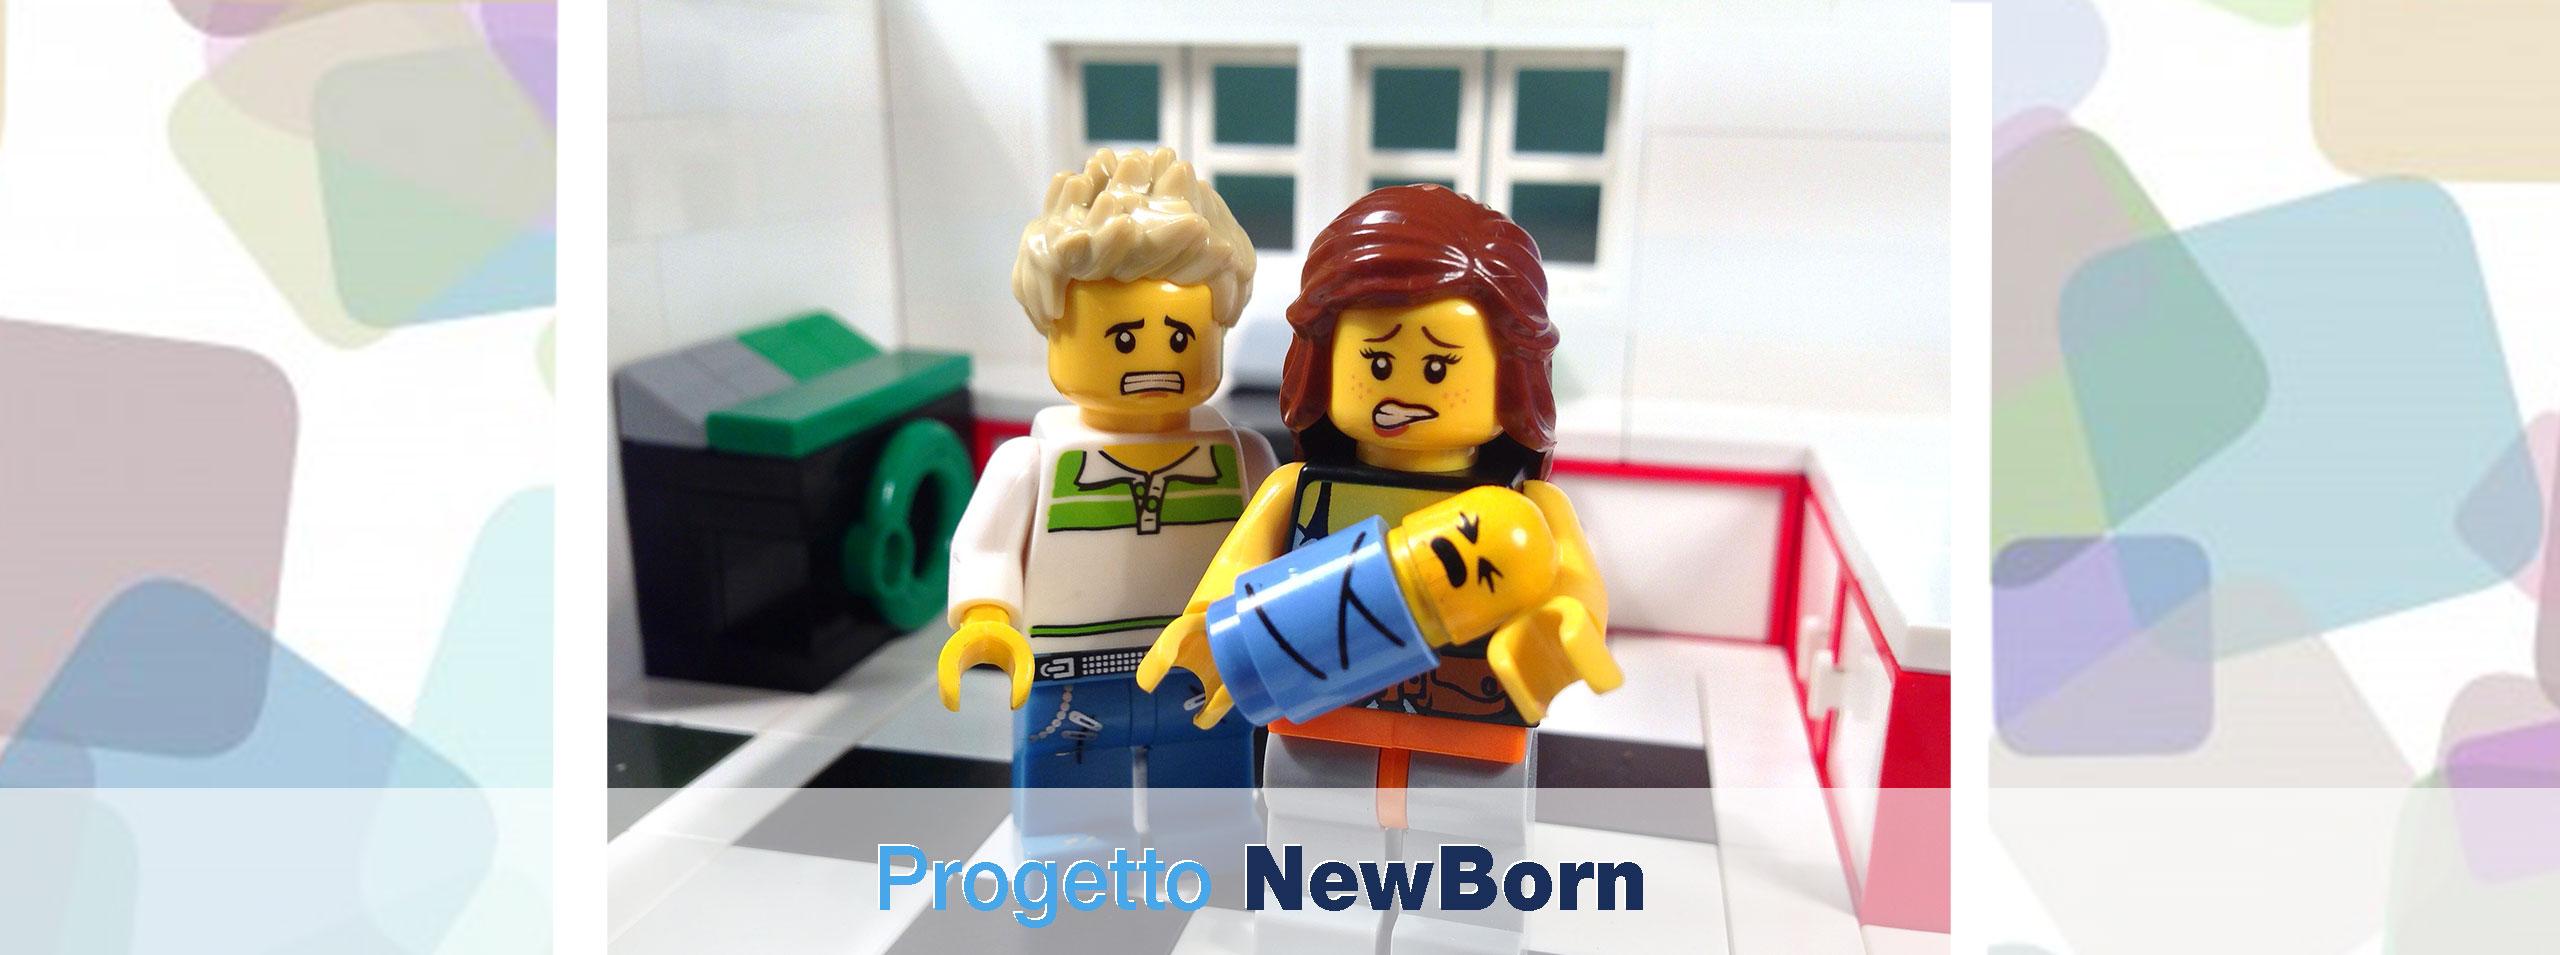 progetto Newborn Famiglie SMA